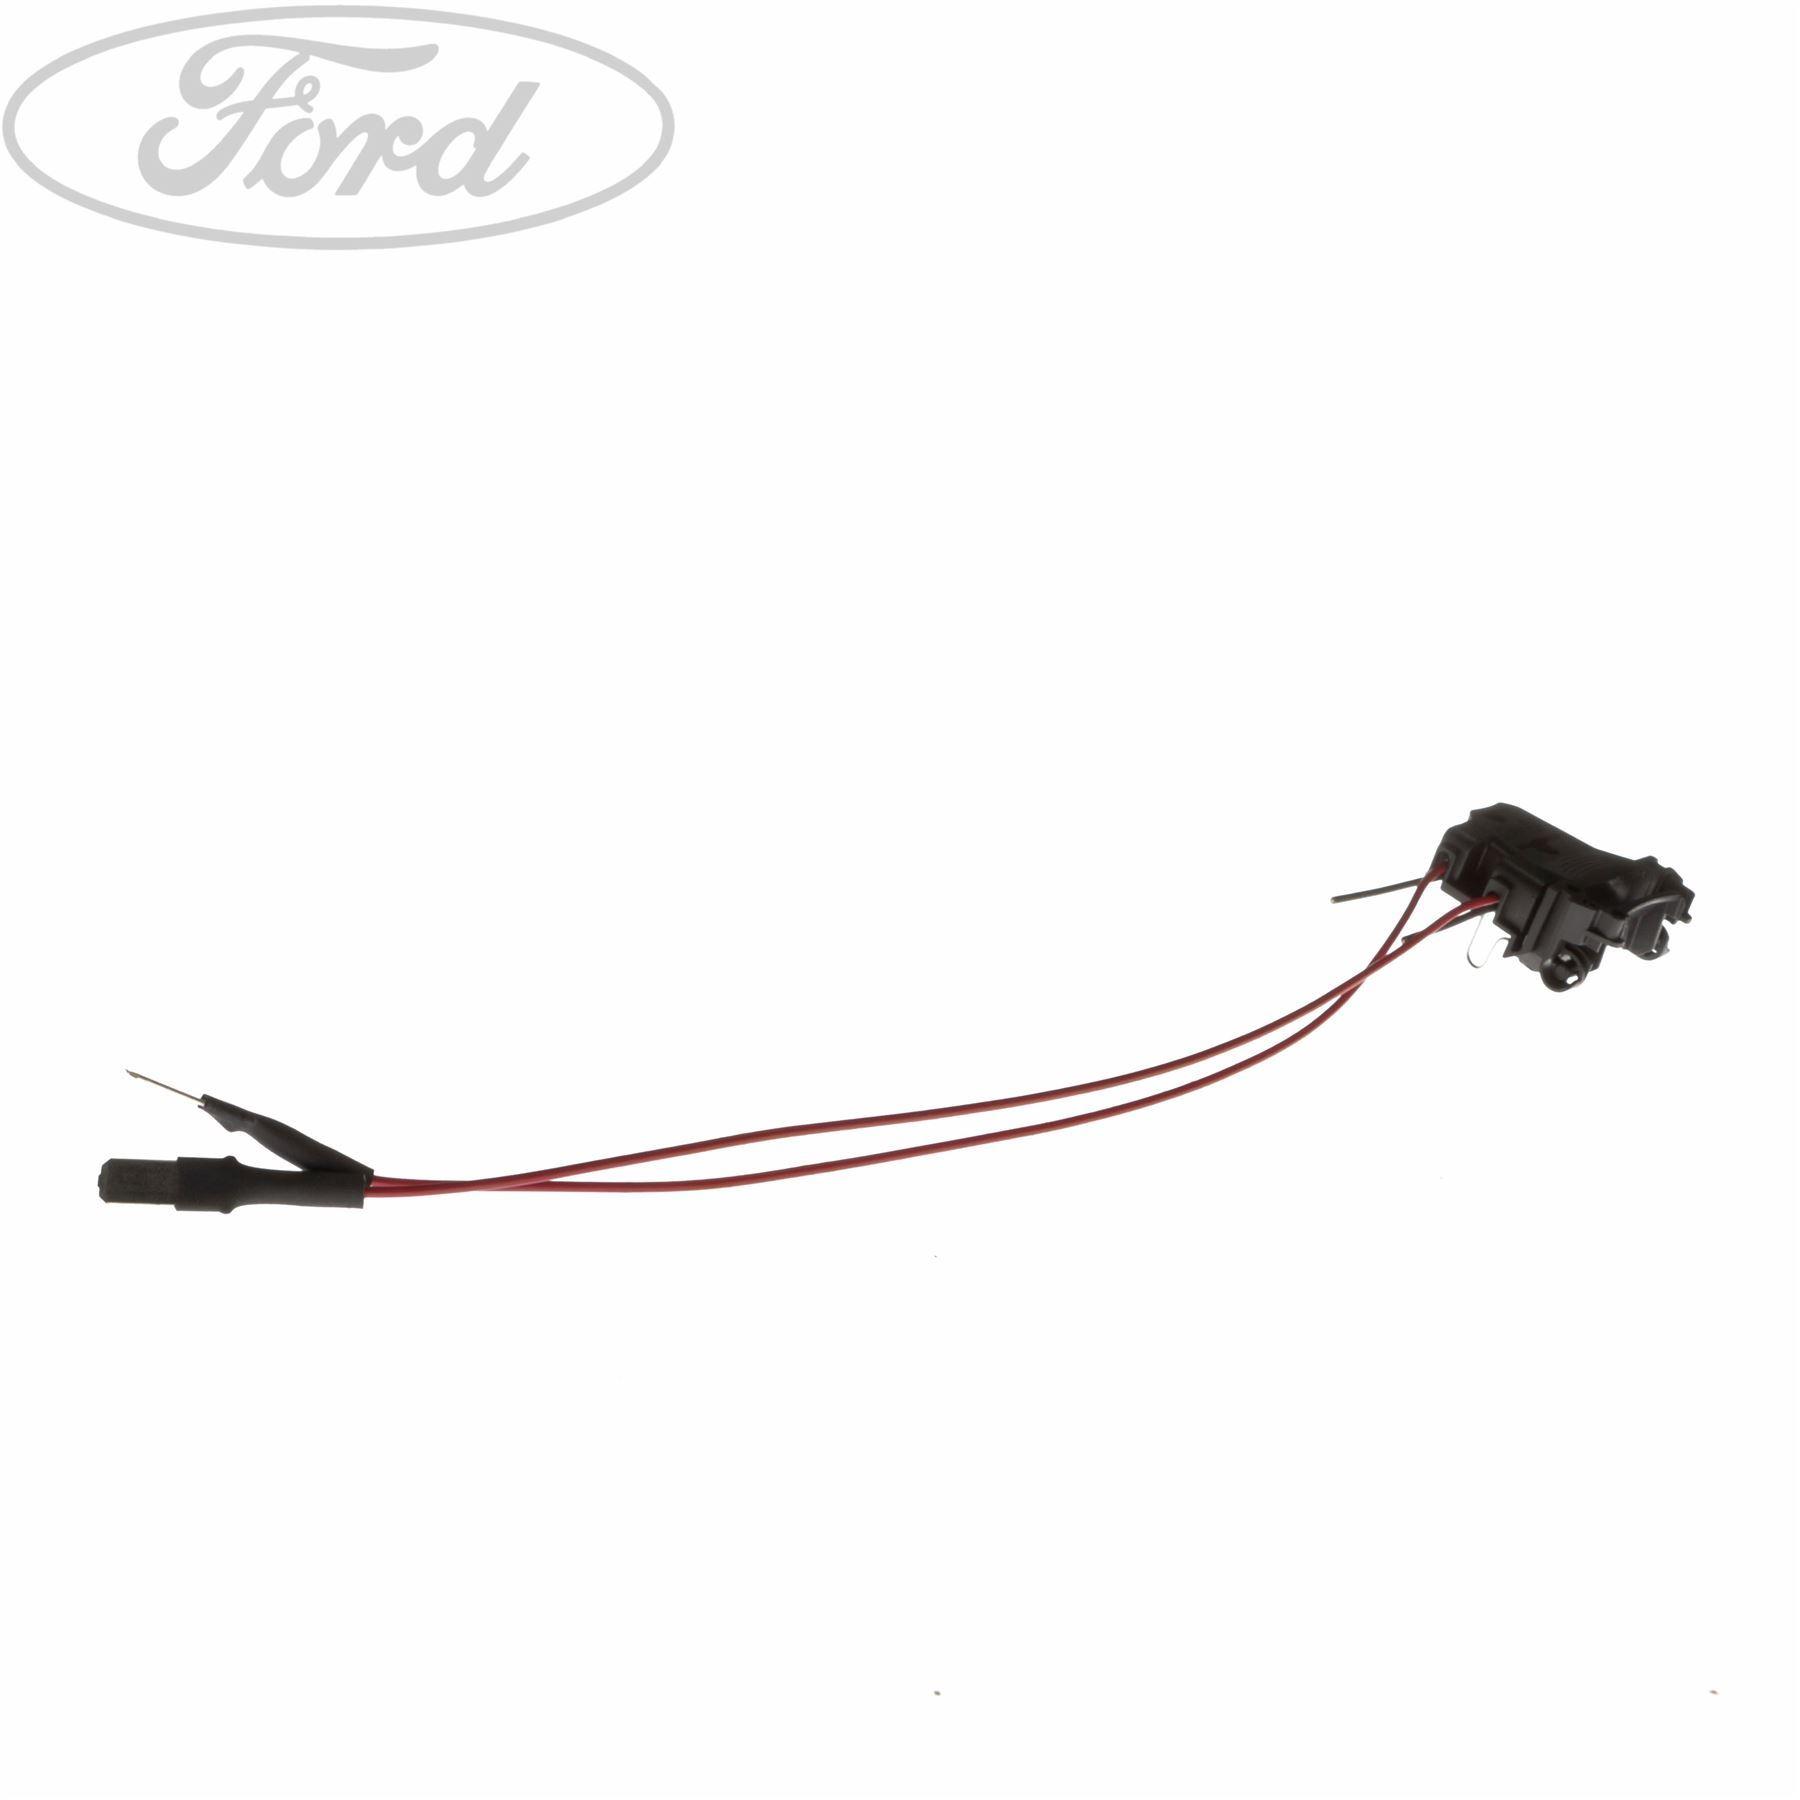 Genuine Ford Focus Mk Ii Front Headlight Resistor Wiring 1758231 Ebay Motor